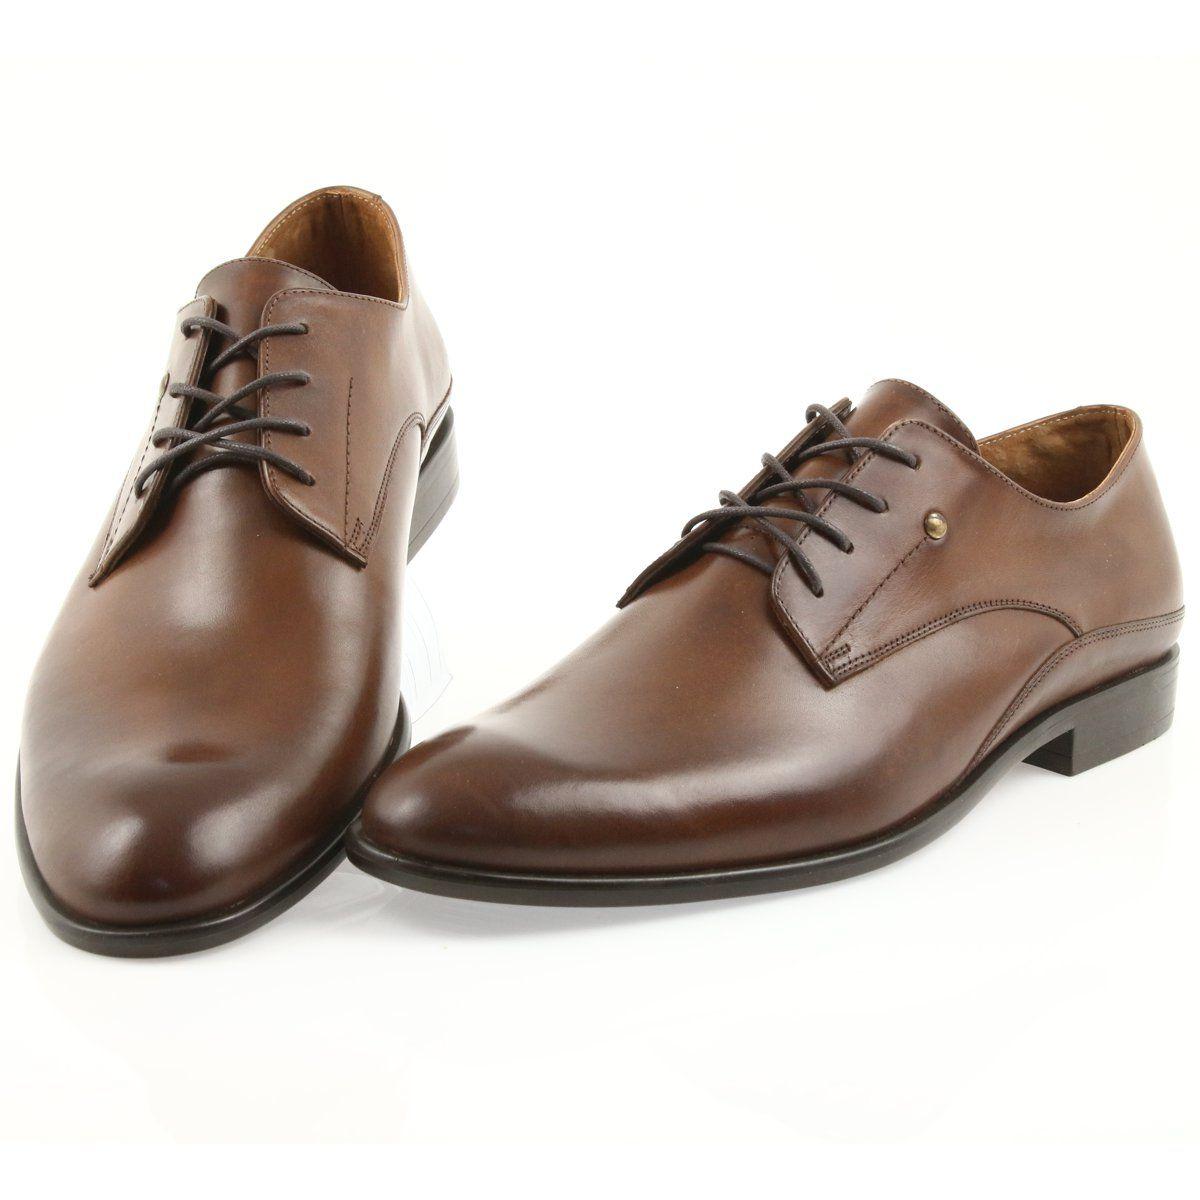 Badura Polbuty Wiazane Meskie 7777 Brazowe Zapatos Zapatos Casuales Botines